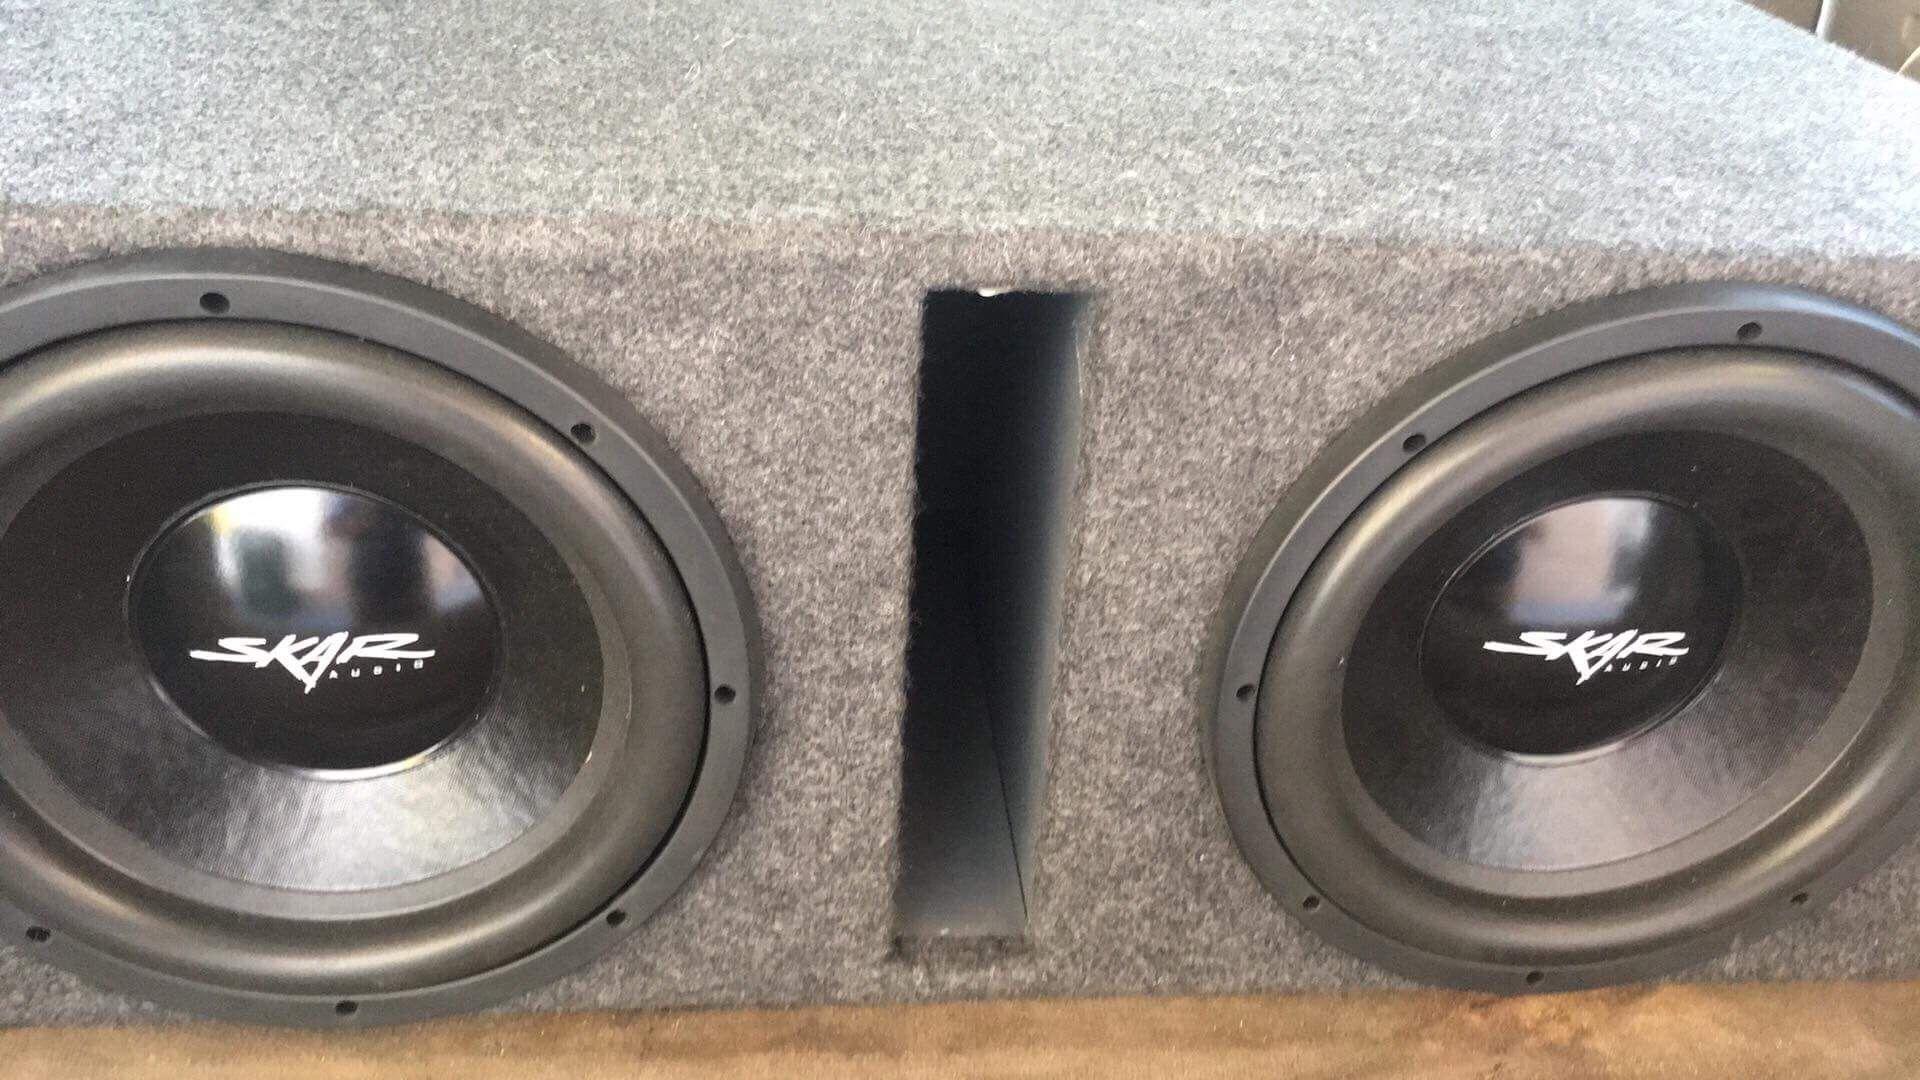 2 12's skar audio